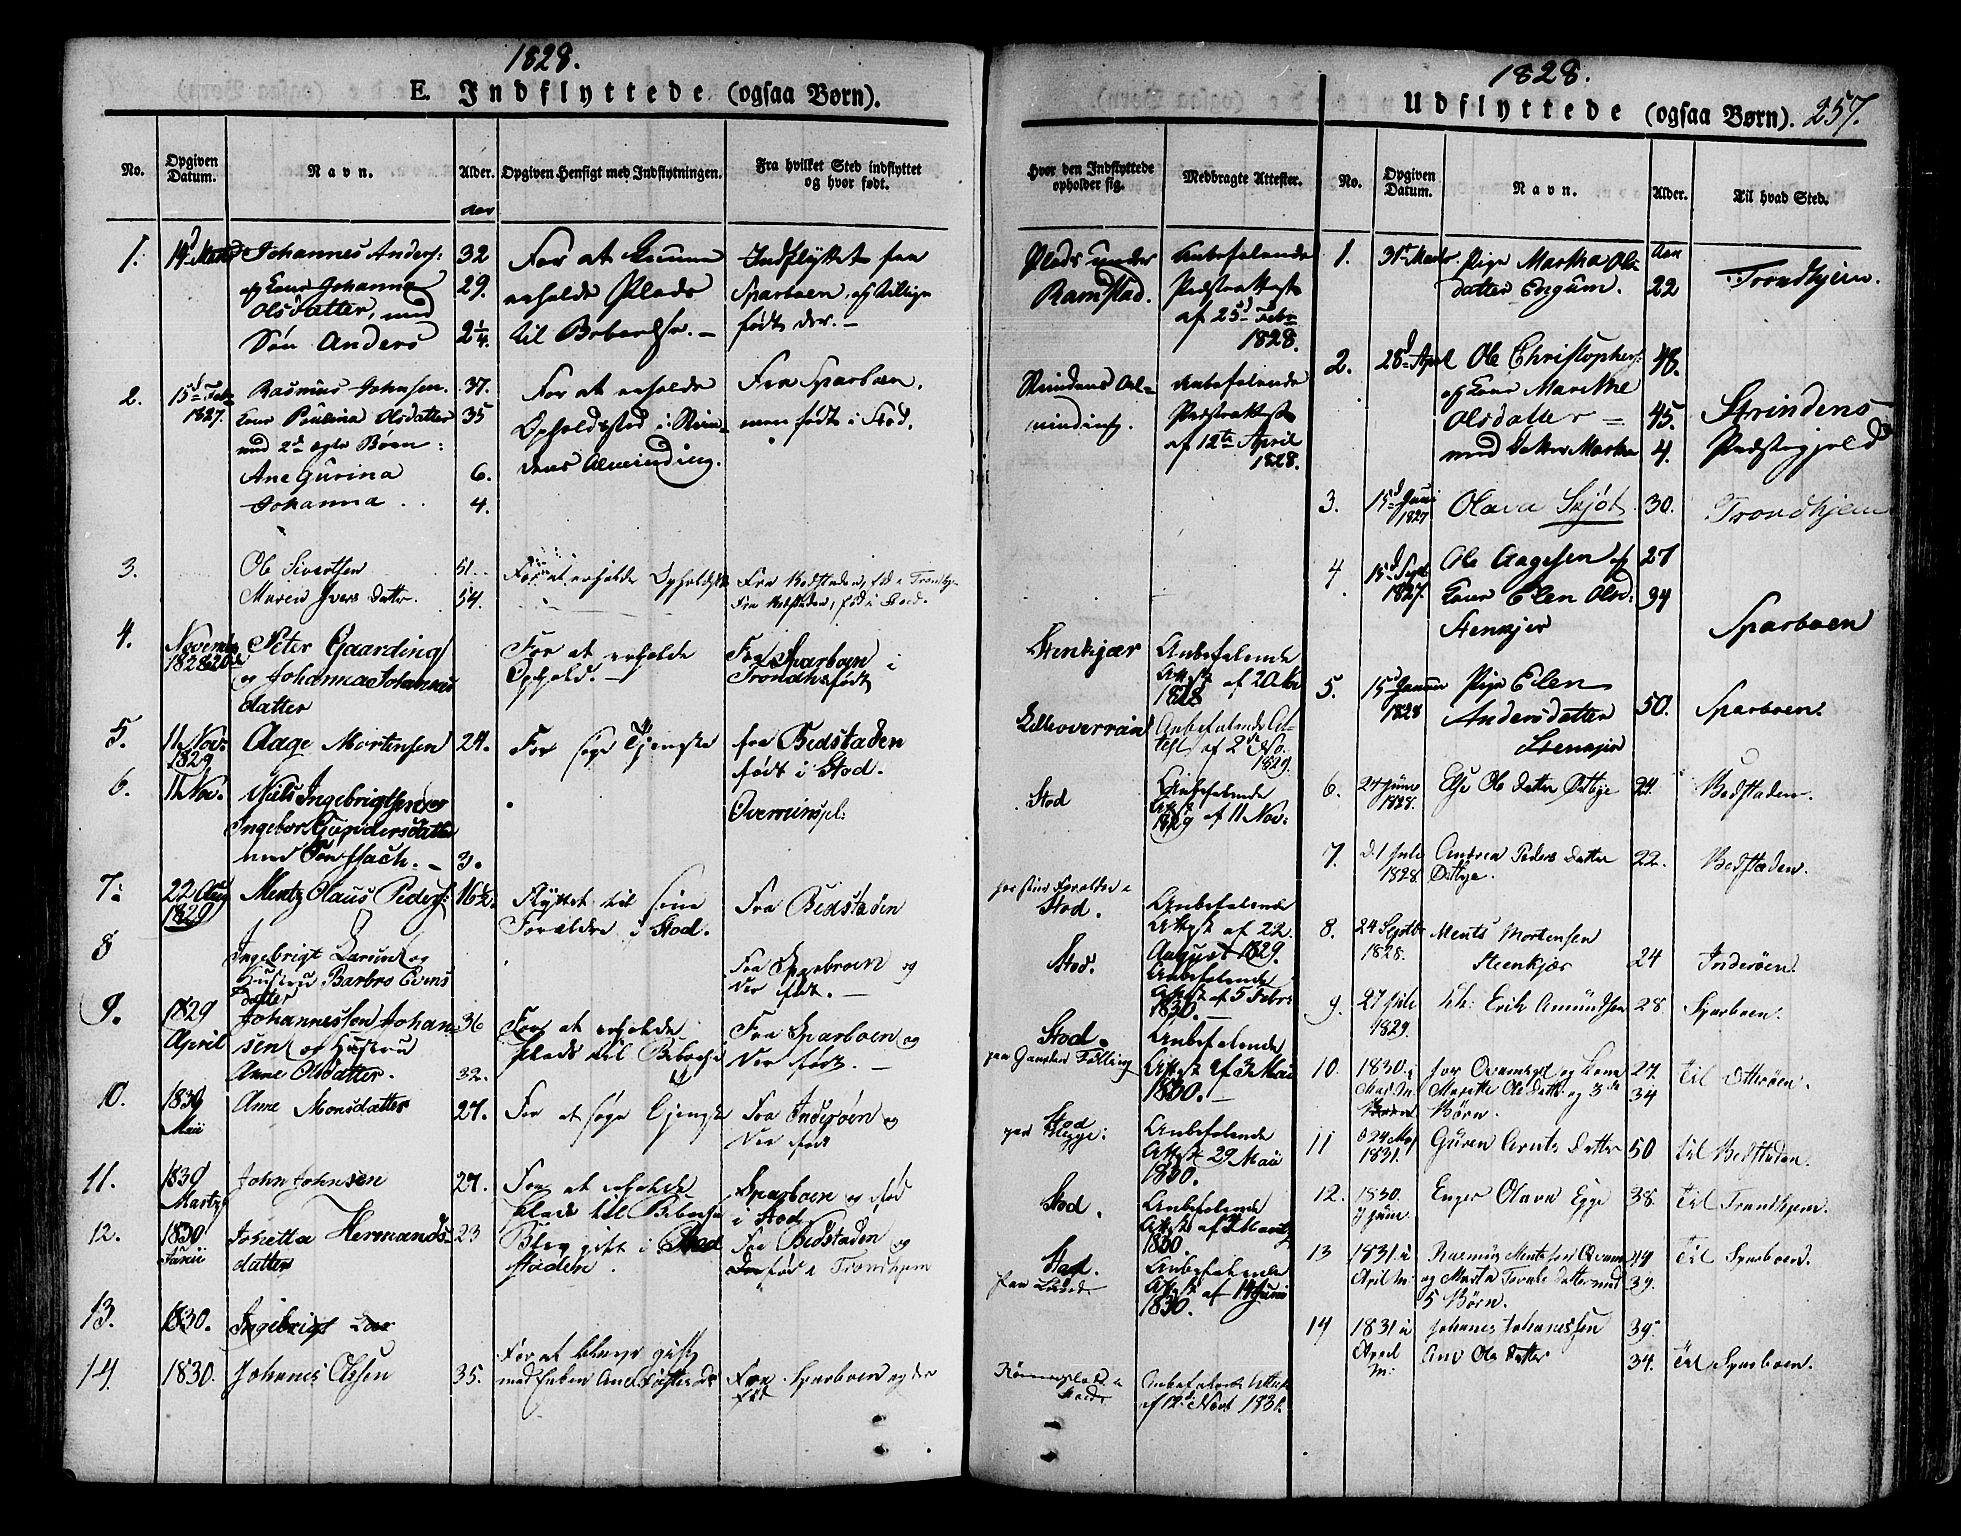 SAT, Ministerialprotokoller, klokkerbøker og fødselsregistre - Nord-Trøndelag, 746/L0445: Ministerialbok nr. 746A04, 1826-1846, s. 257